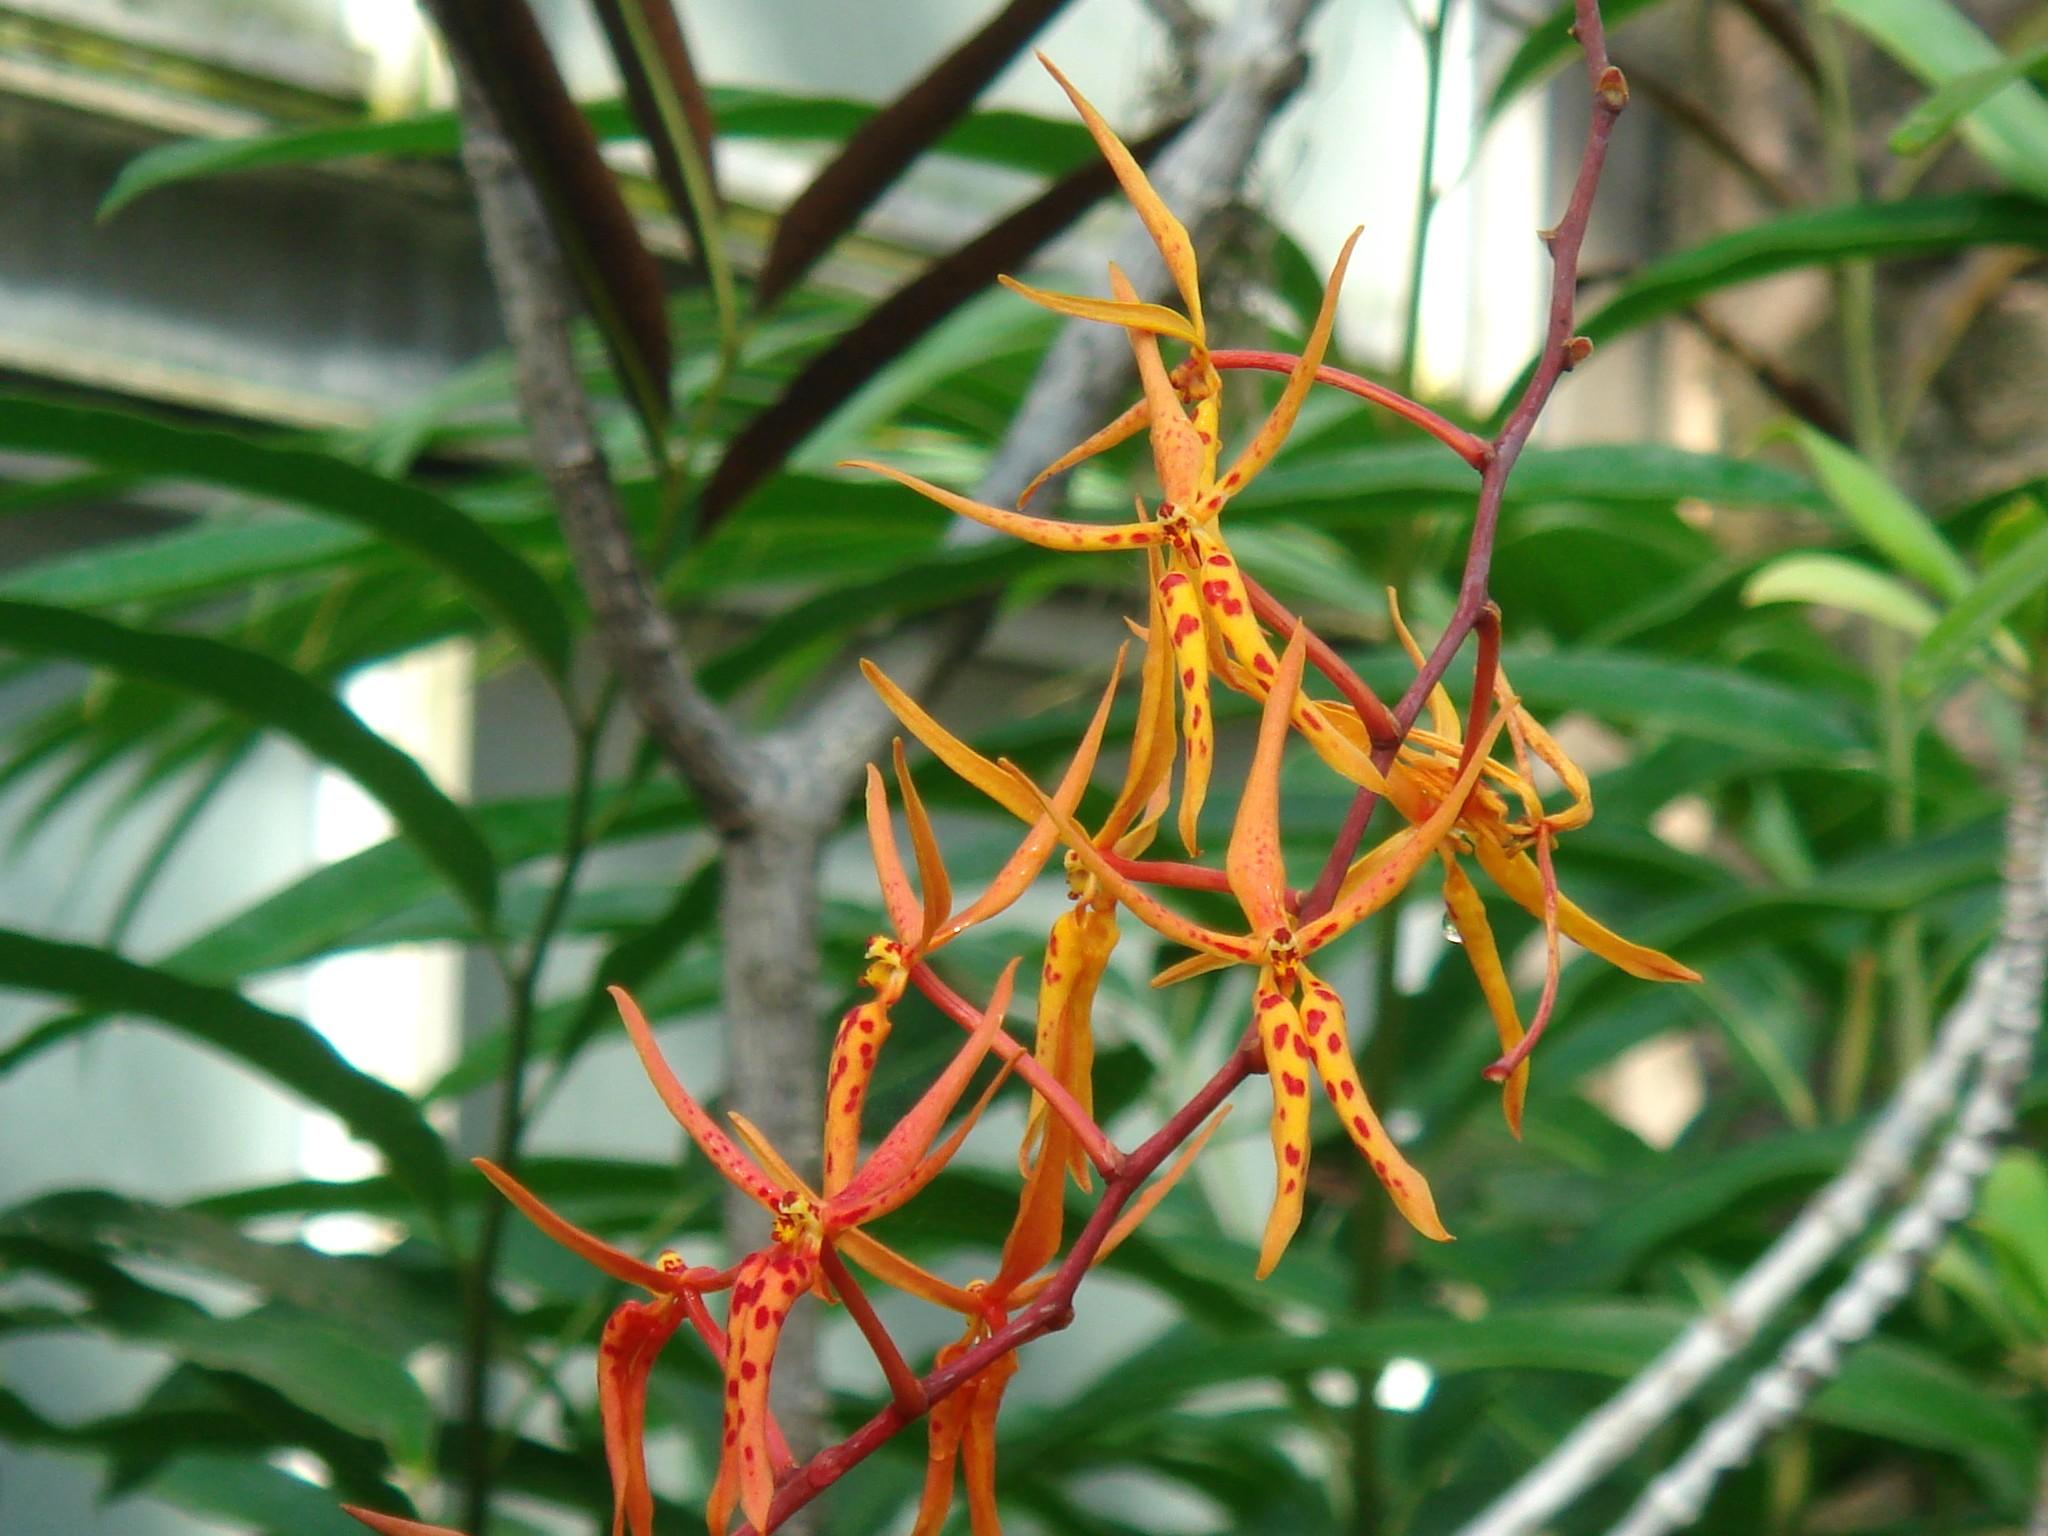 http://orchids.la.coocan.jp/Renanthera/Renanthera%20angustifolia/DSC01680.JPG